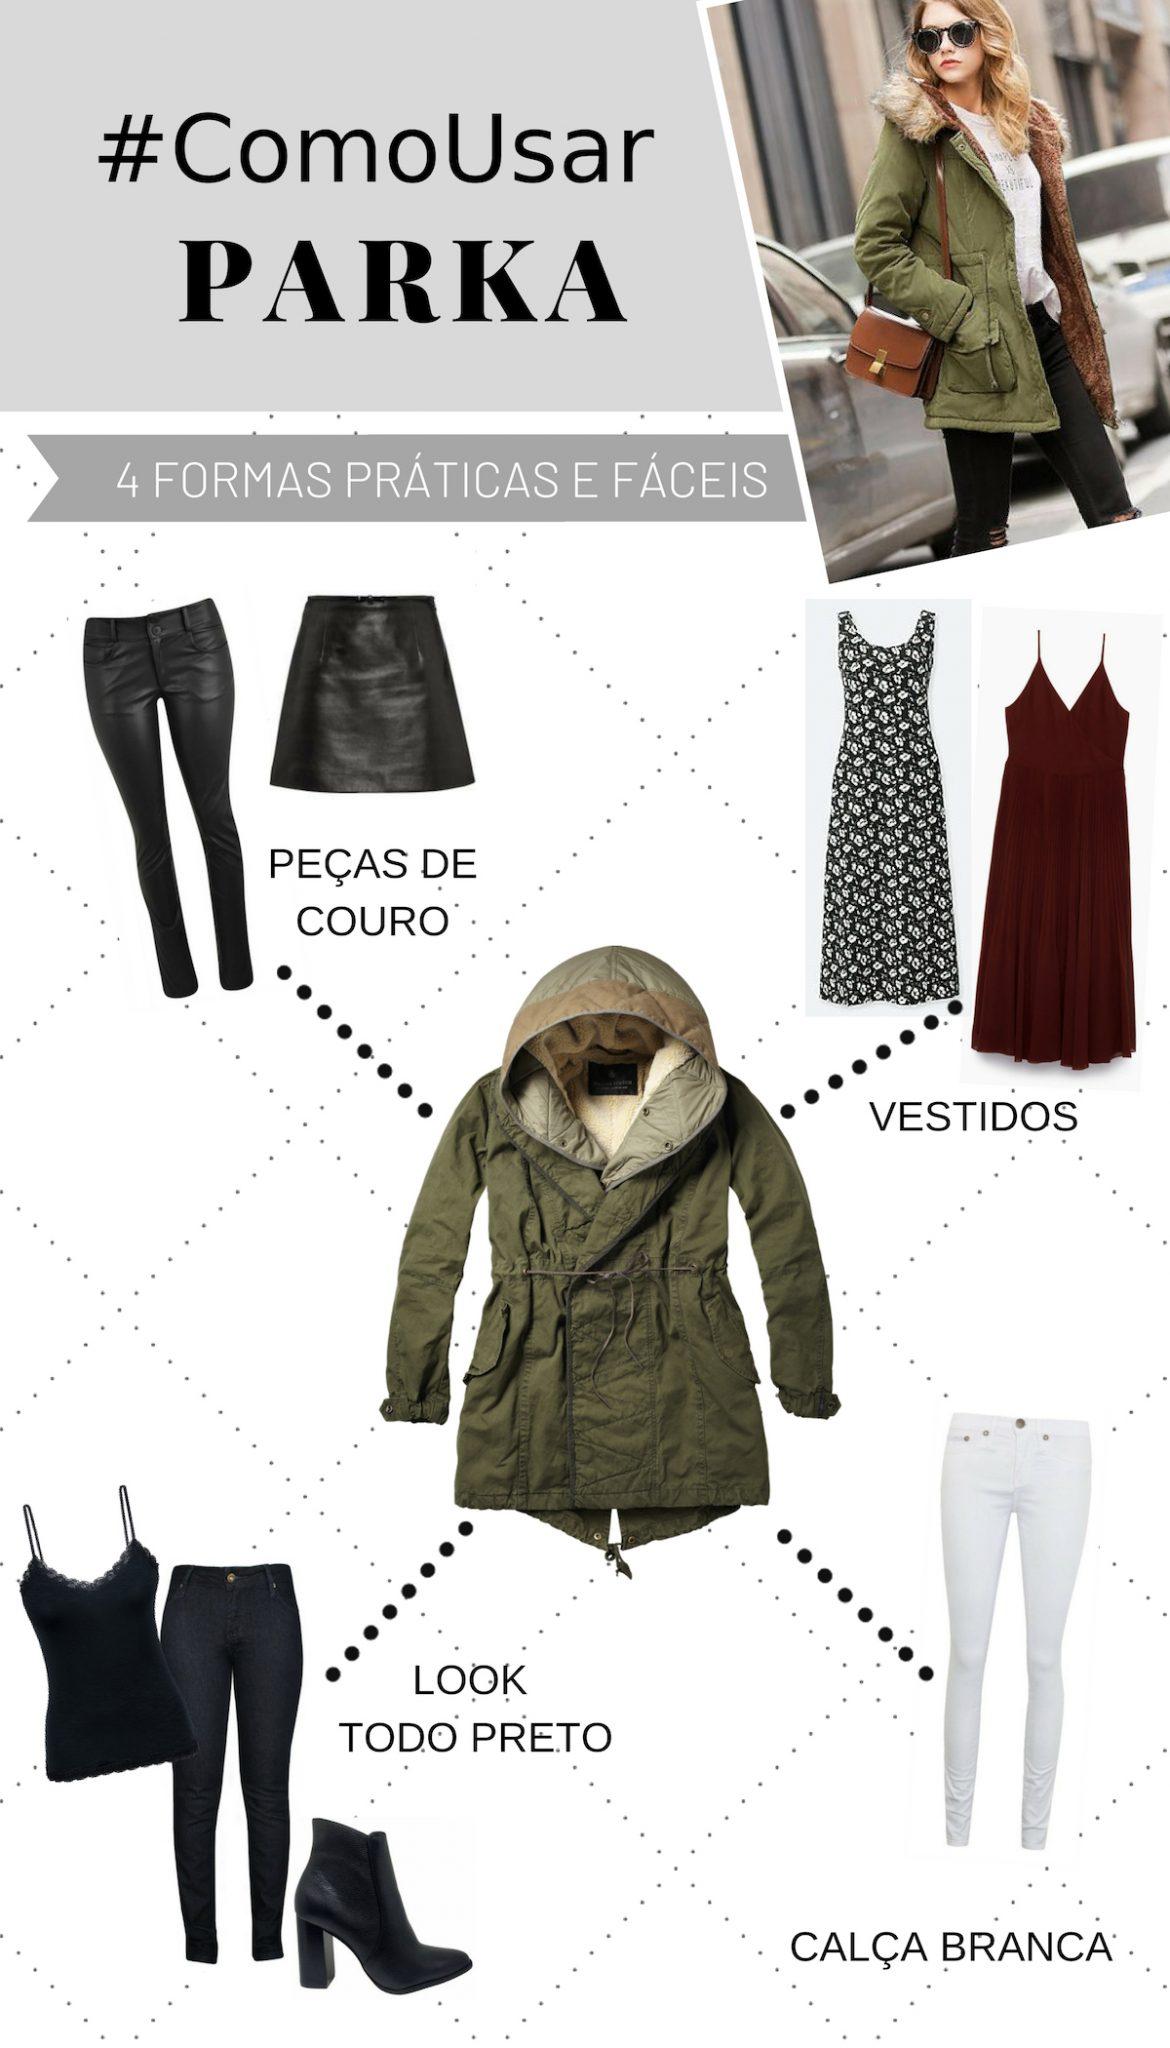 como usar parka formas de usar dicas outono inverno 2019 blog feira shop